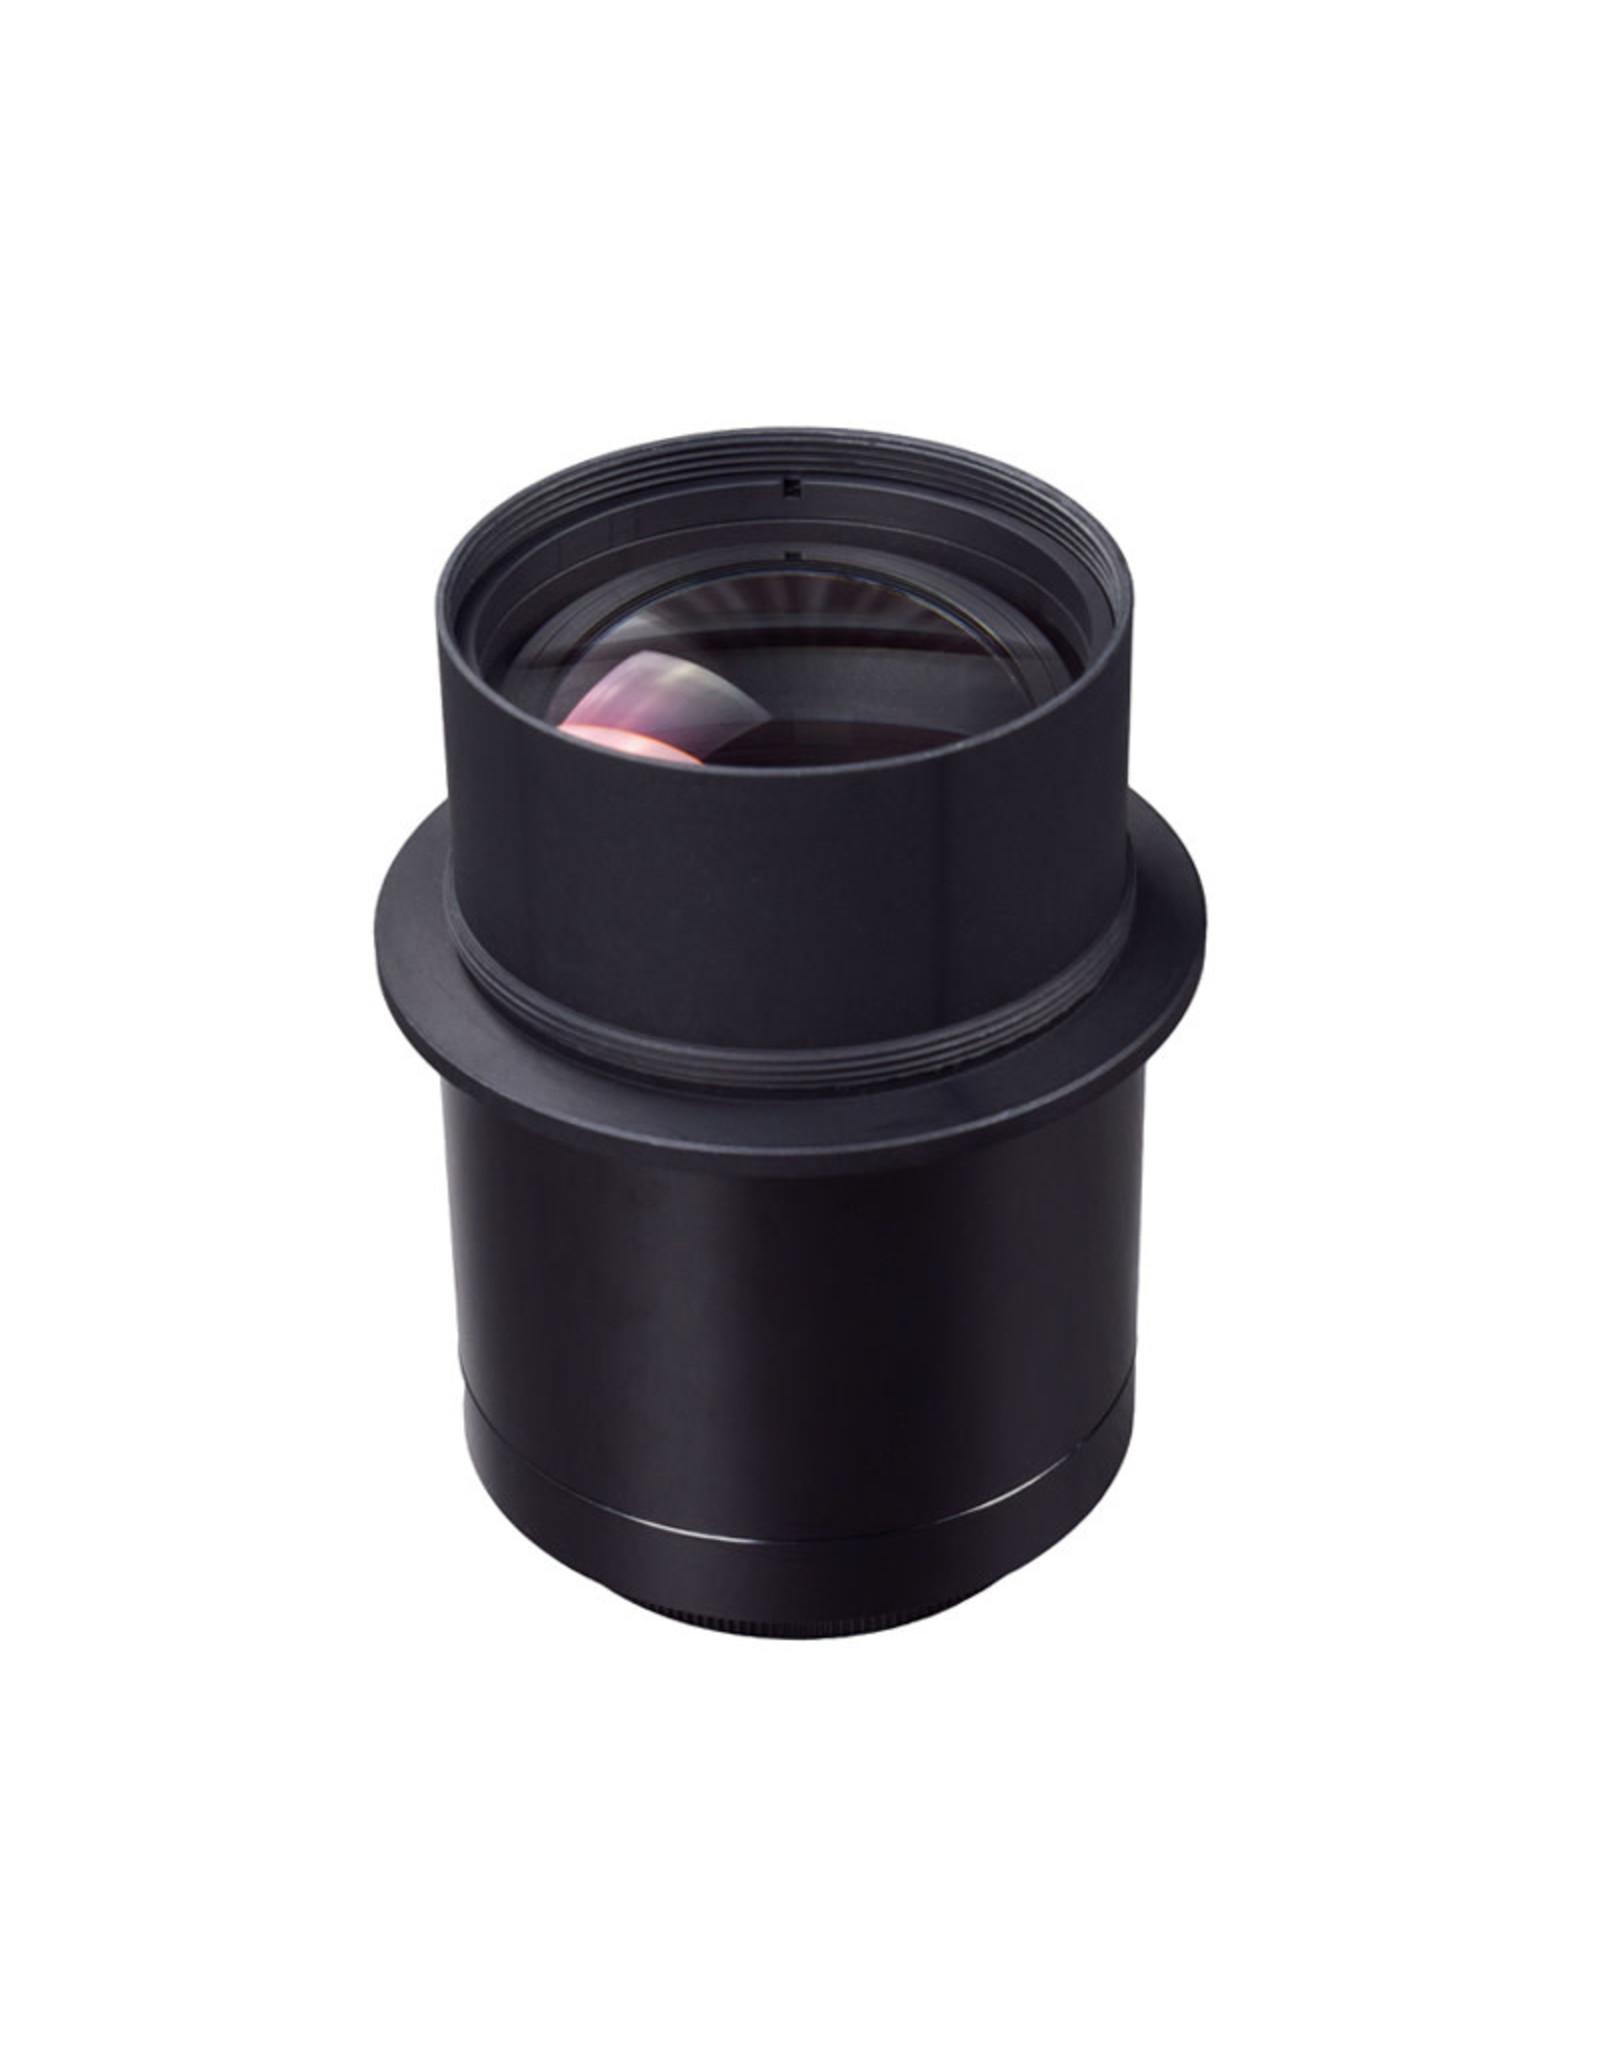 Sharpstar Sharpstar 0.8x Reducer and Flattener for Full Frame Cameras for the Sharpstar 61EDPH